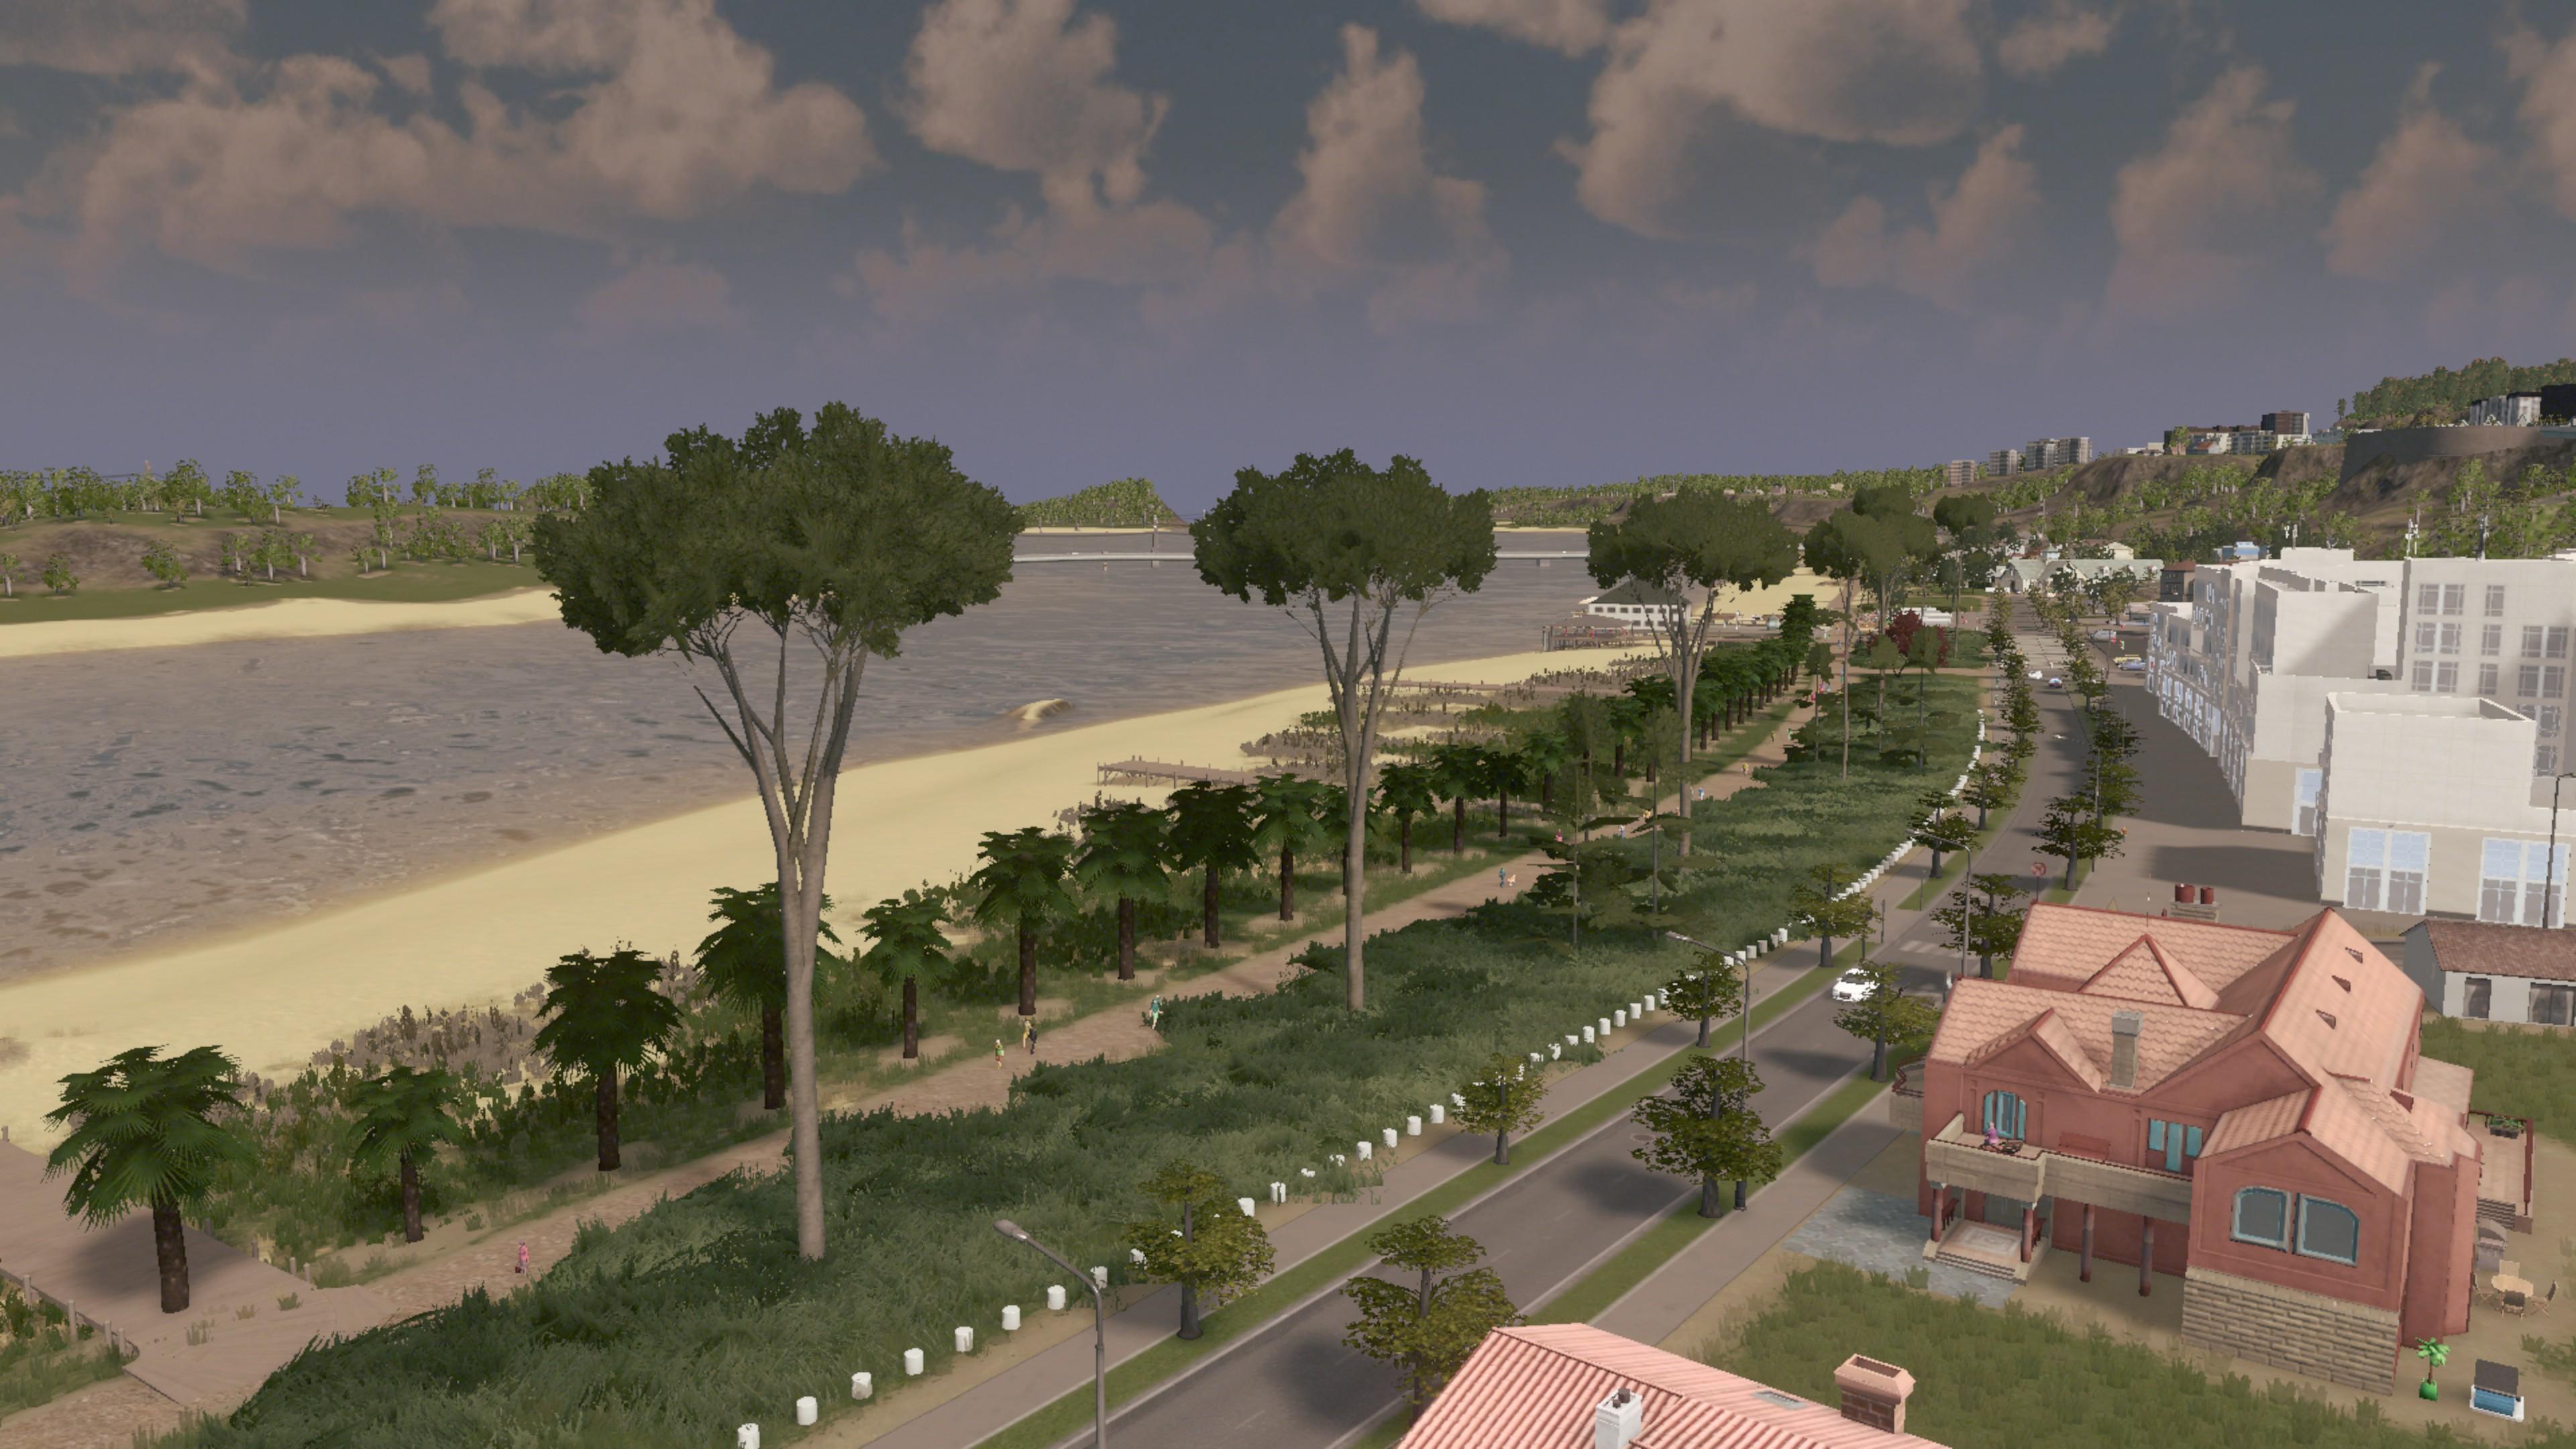 Labadie - Journal 3 d'une ville en construction - Page 3 2B5F2C1A3182FEE303D3BAE8285C9E1874606D6E